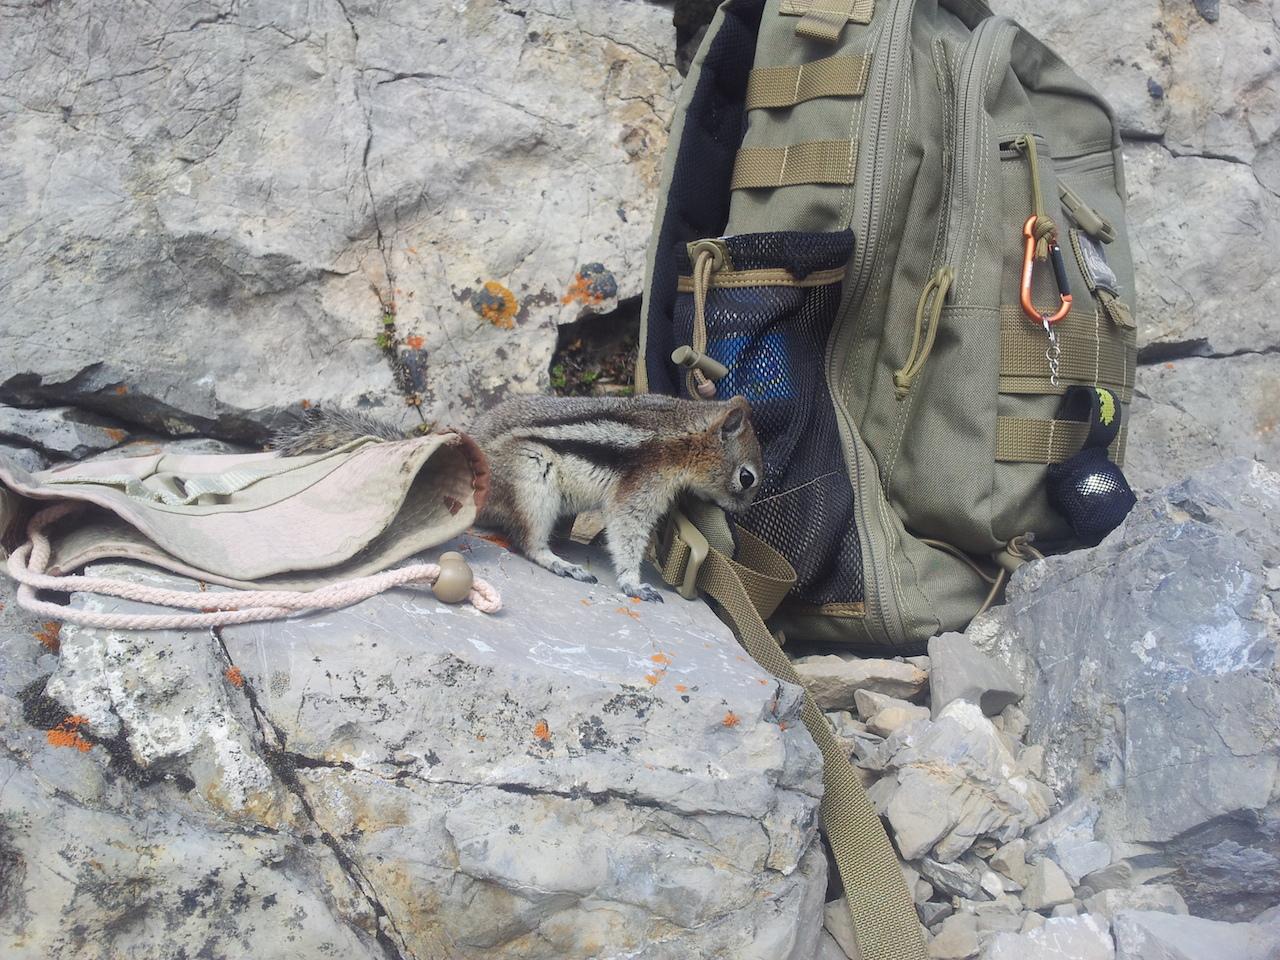 Chipmunk batohomilný